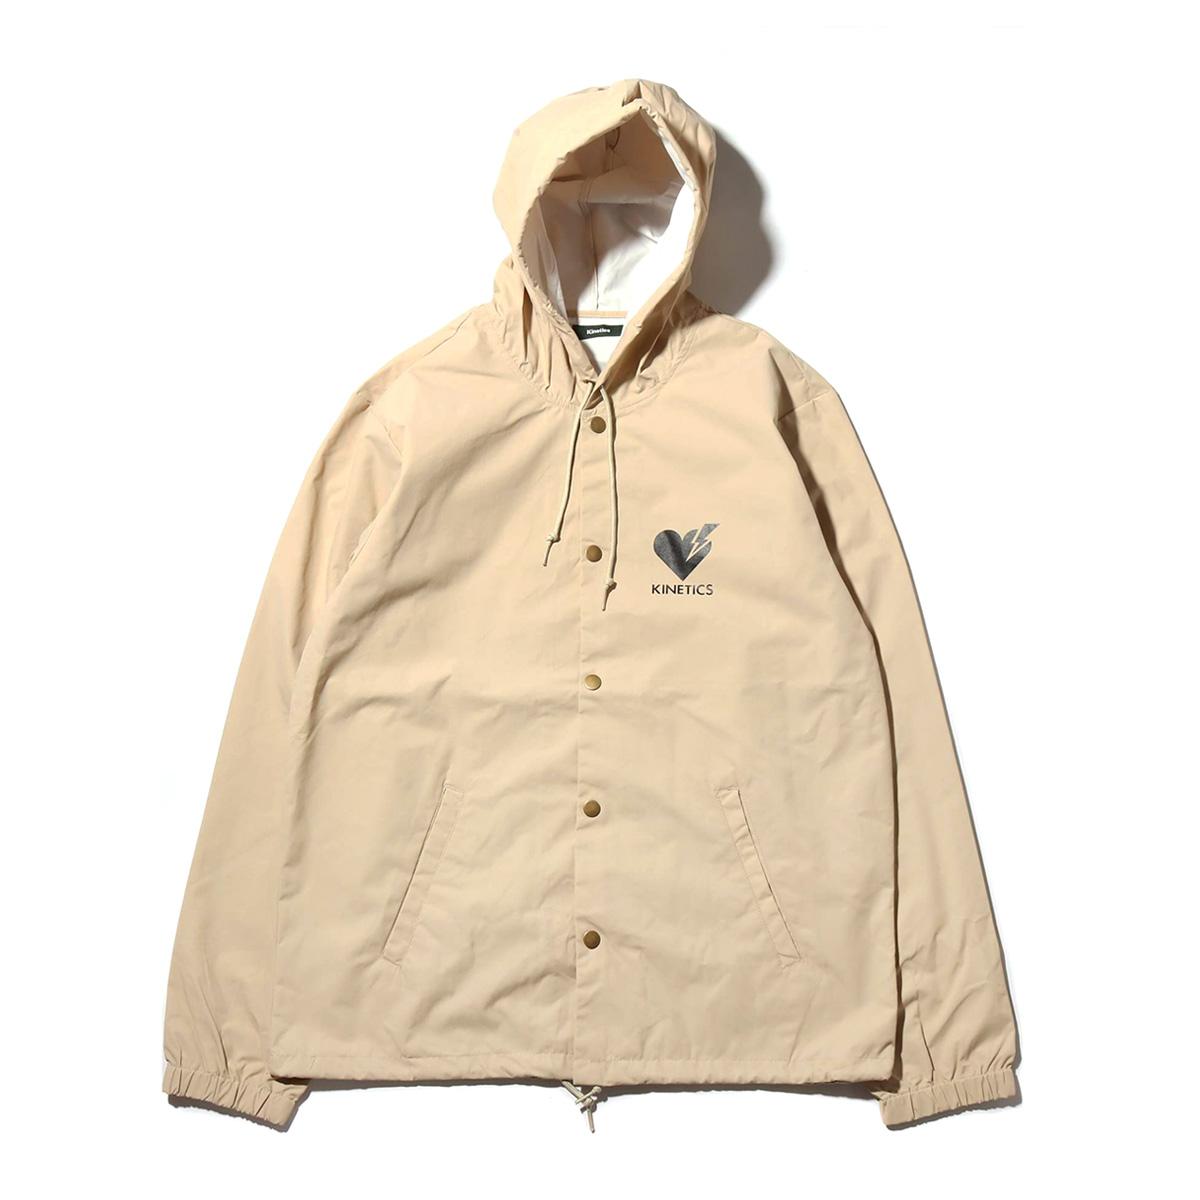 Kinetics Patient Hooded Jacket(キネティクス ペイシャント フーデッド ジャケット)(BEIGE)【メンズ】【ジャケット】【19SS-I】